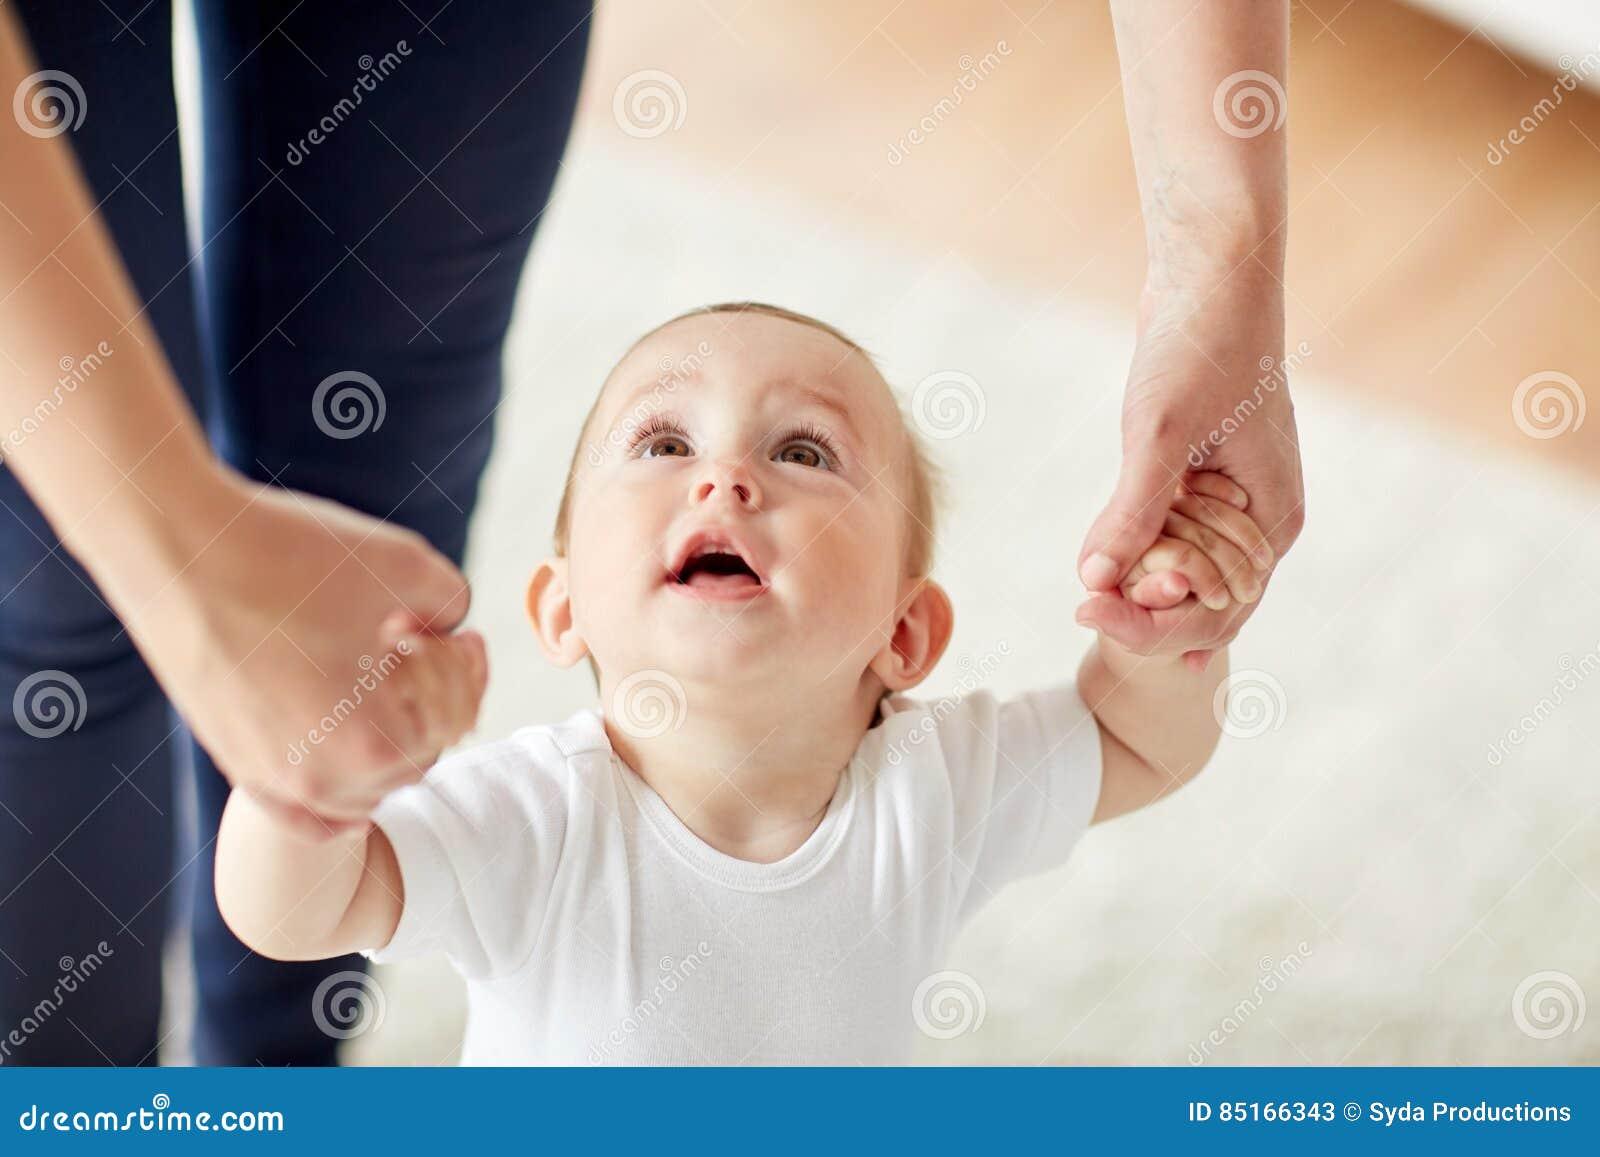 Bebê feliz que aprende andar com ajuda da mãe